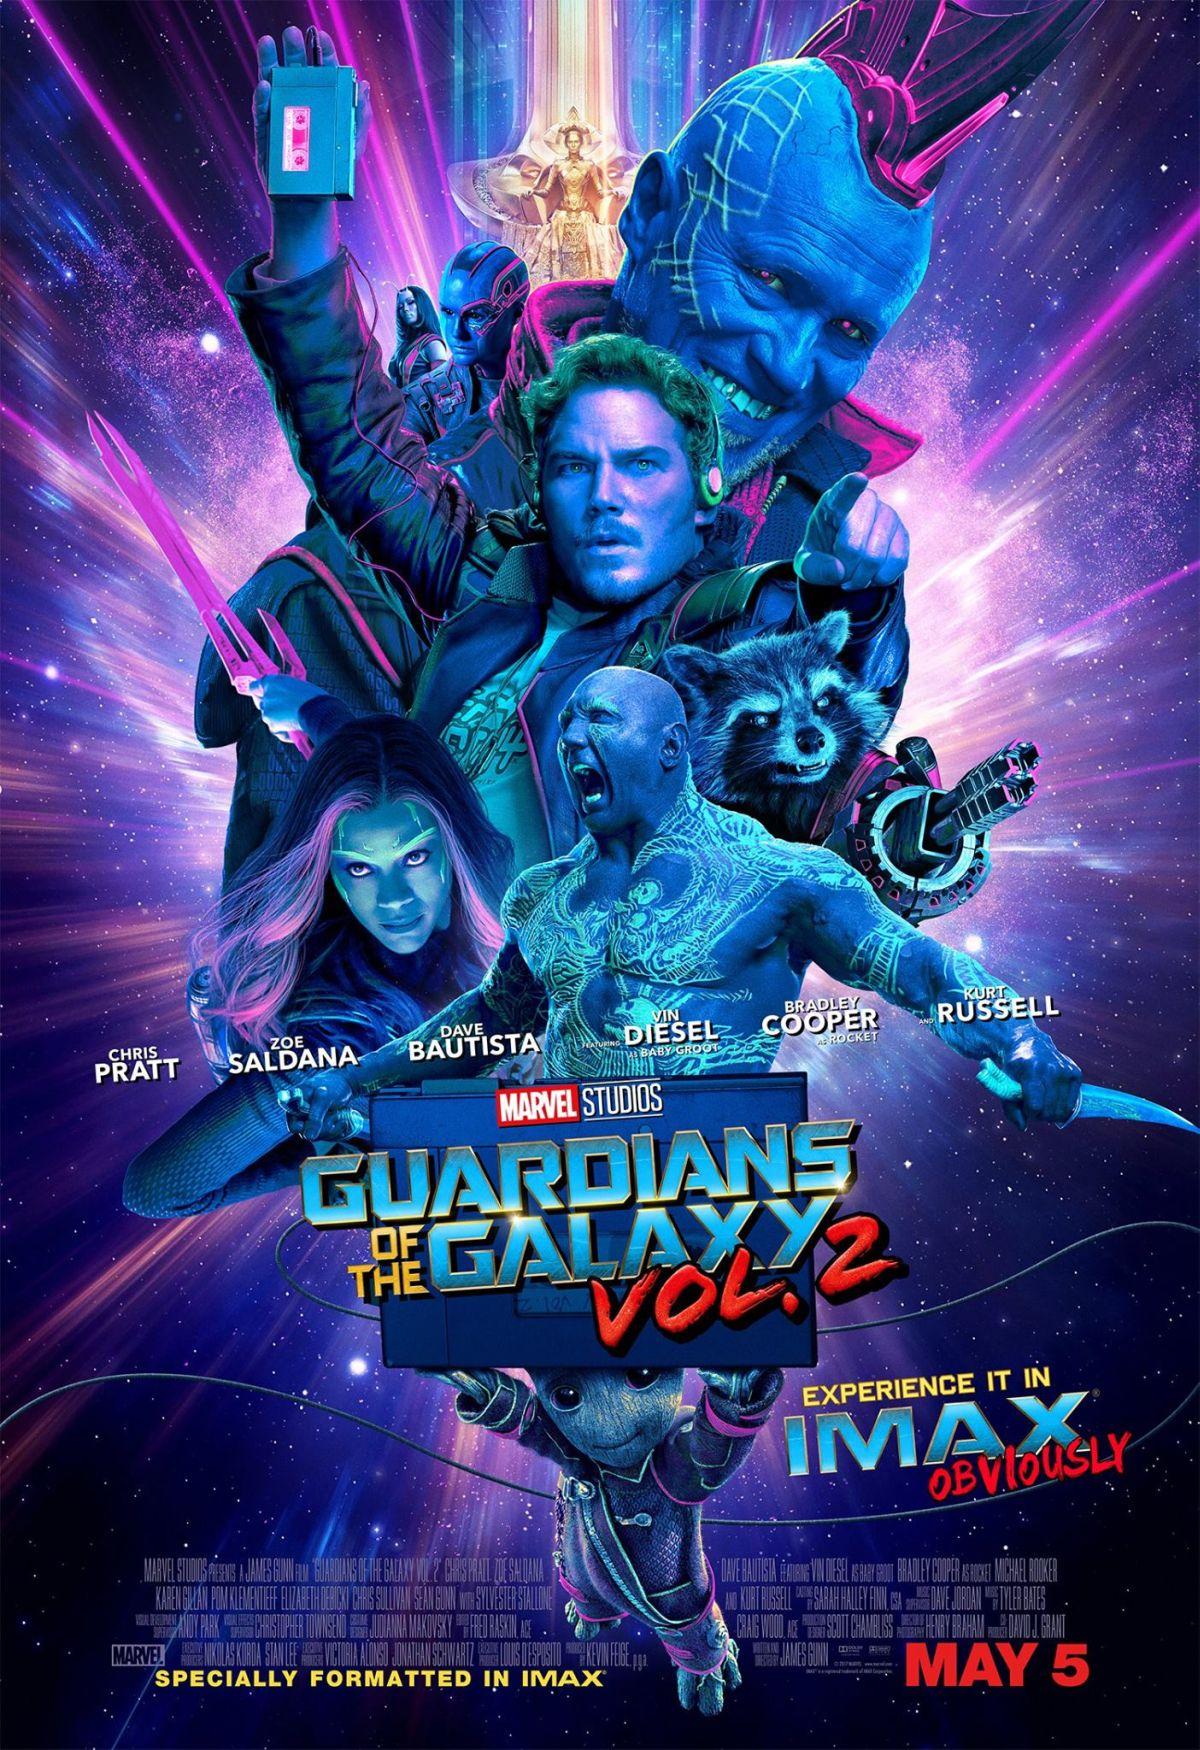 Guardiani della Galassia Vol. 2: il poster del film in IMAX